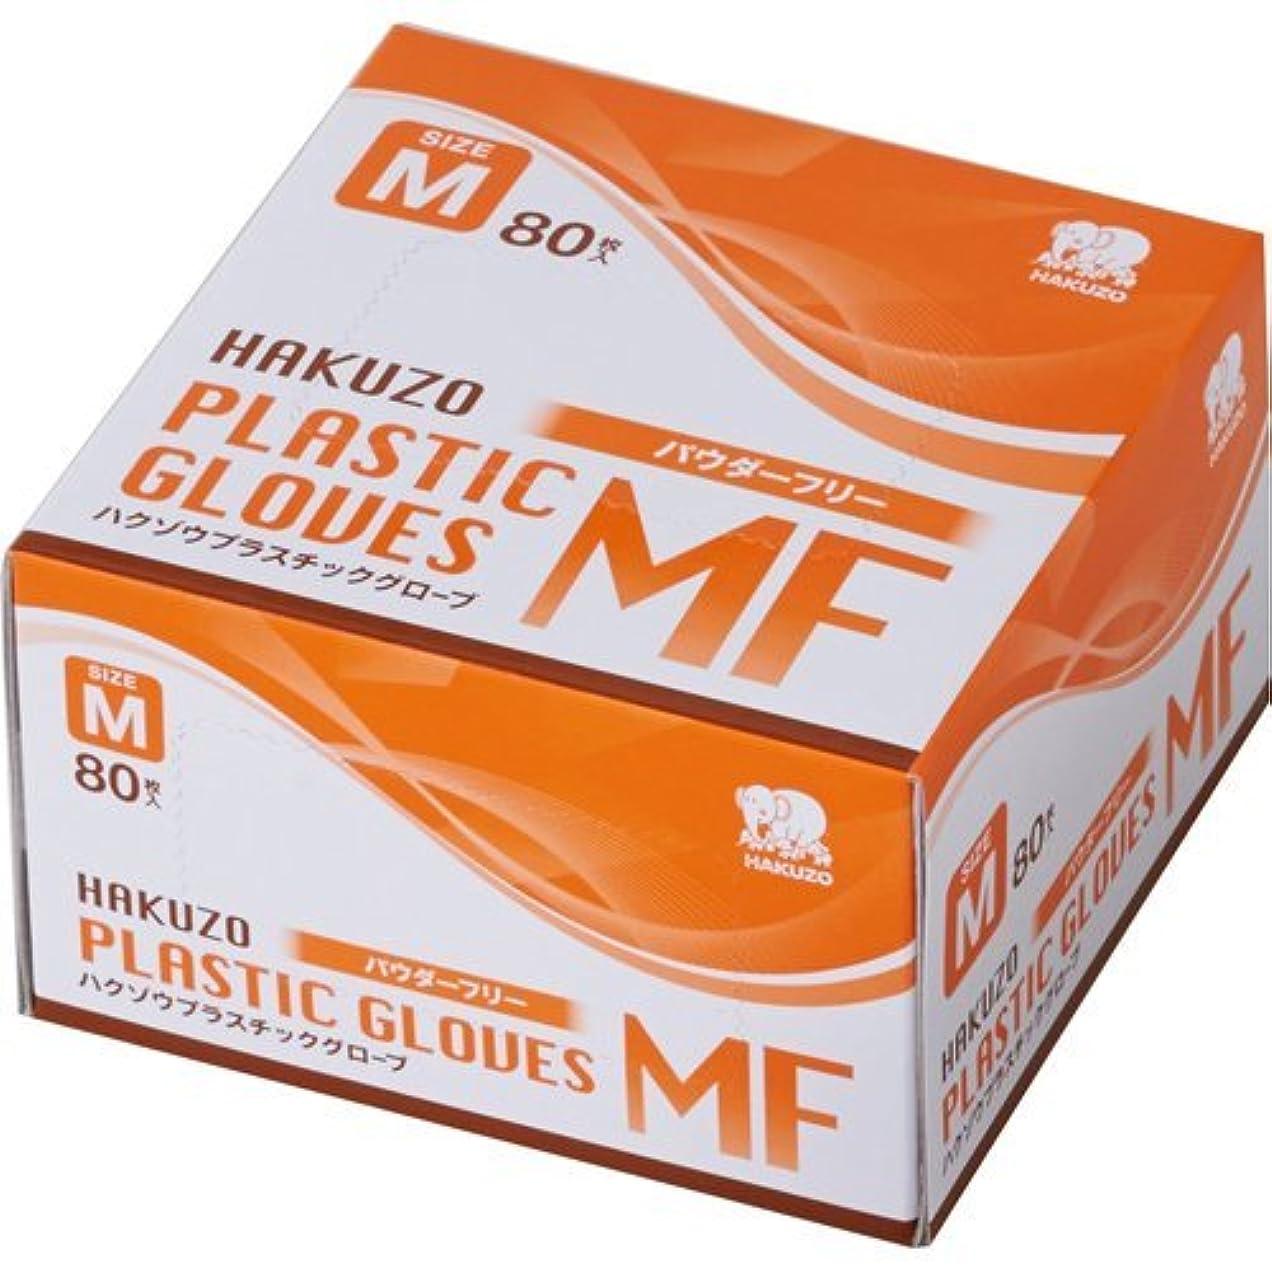 慣性おじいちゃん北ハクゾウメディカル ハクゾウ プラスチックグローブMF パウダーフリー Mサイズ 80枚入